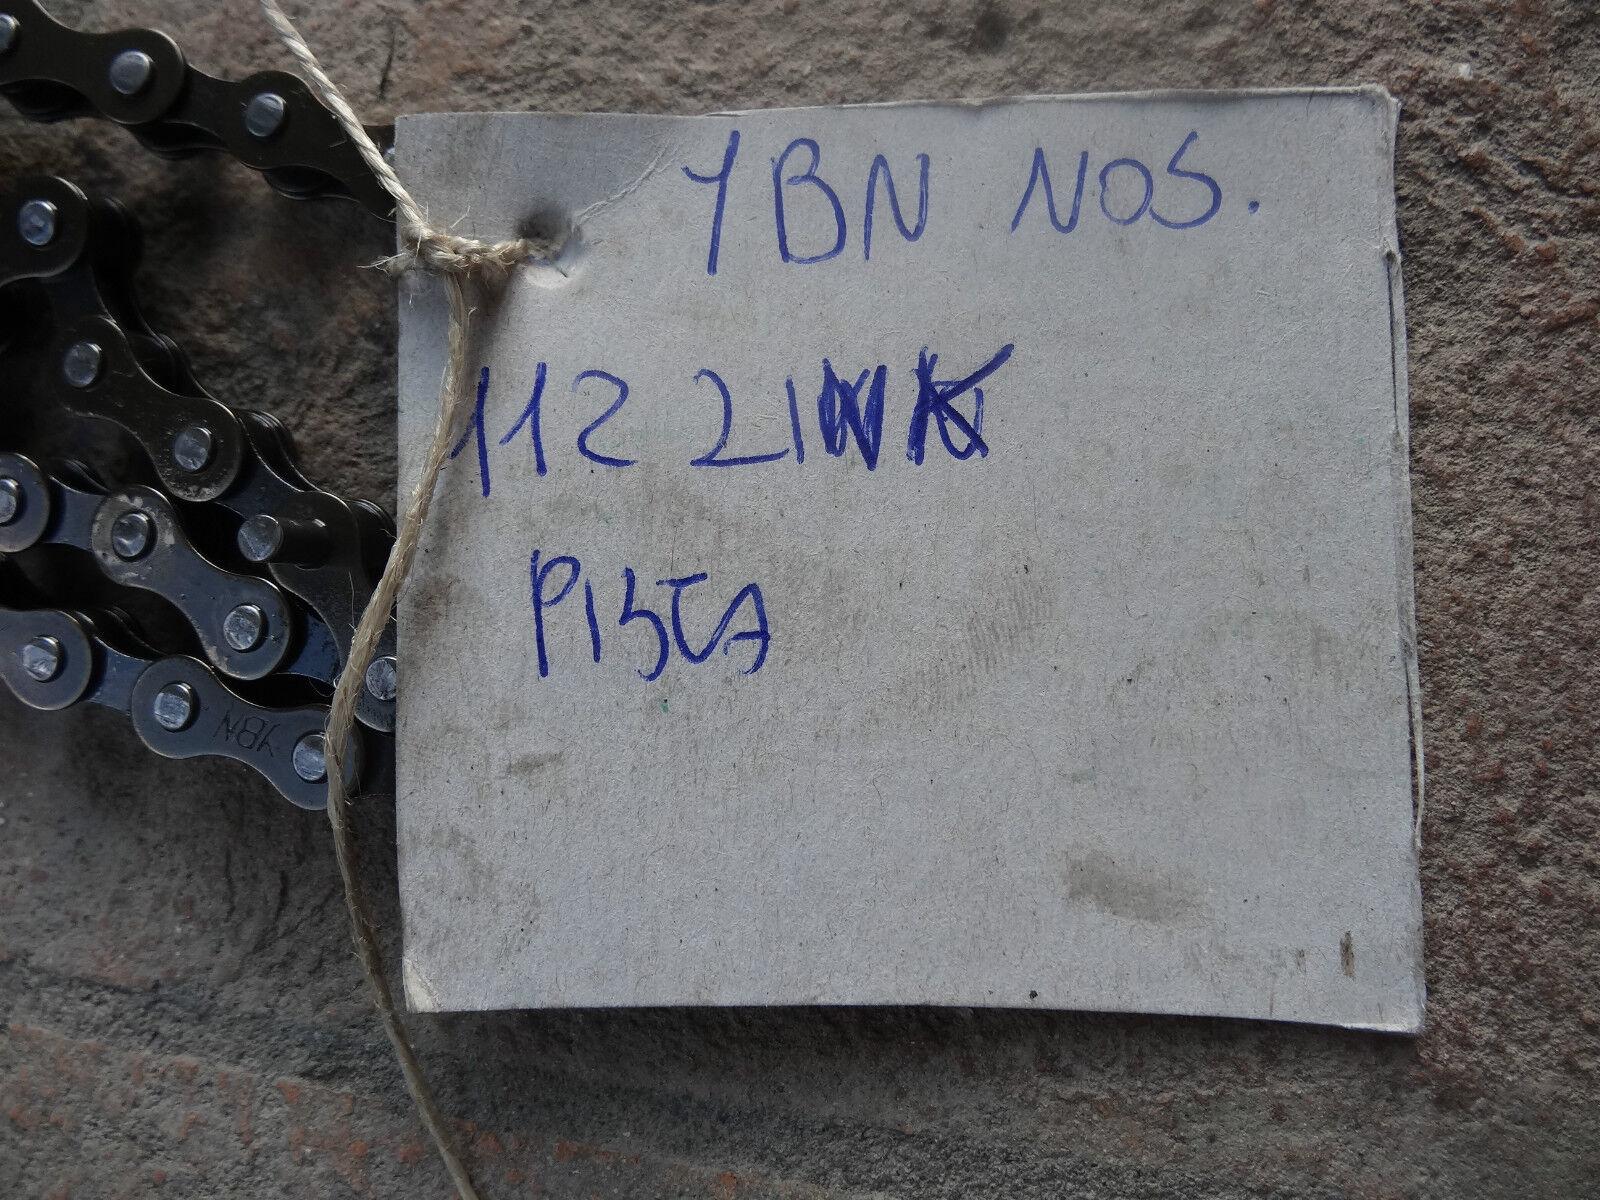 Nuevo Nuevo Nuevo En Caja YBN Cadena de pista/pista Nuevo en Caja Original 6a0fdb